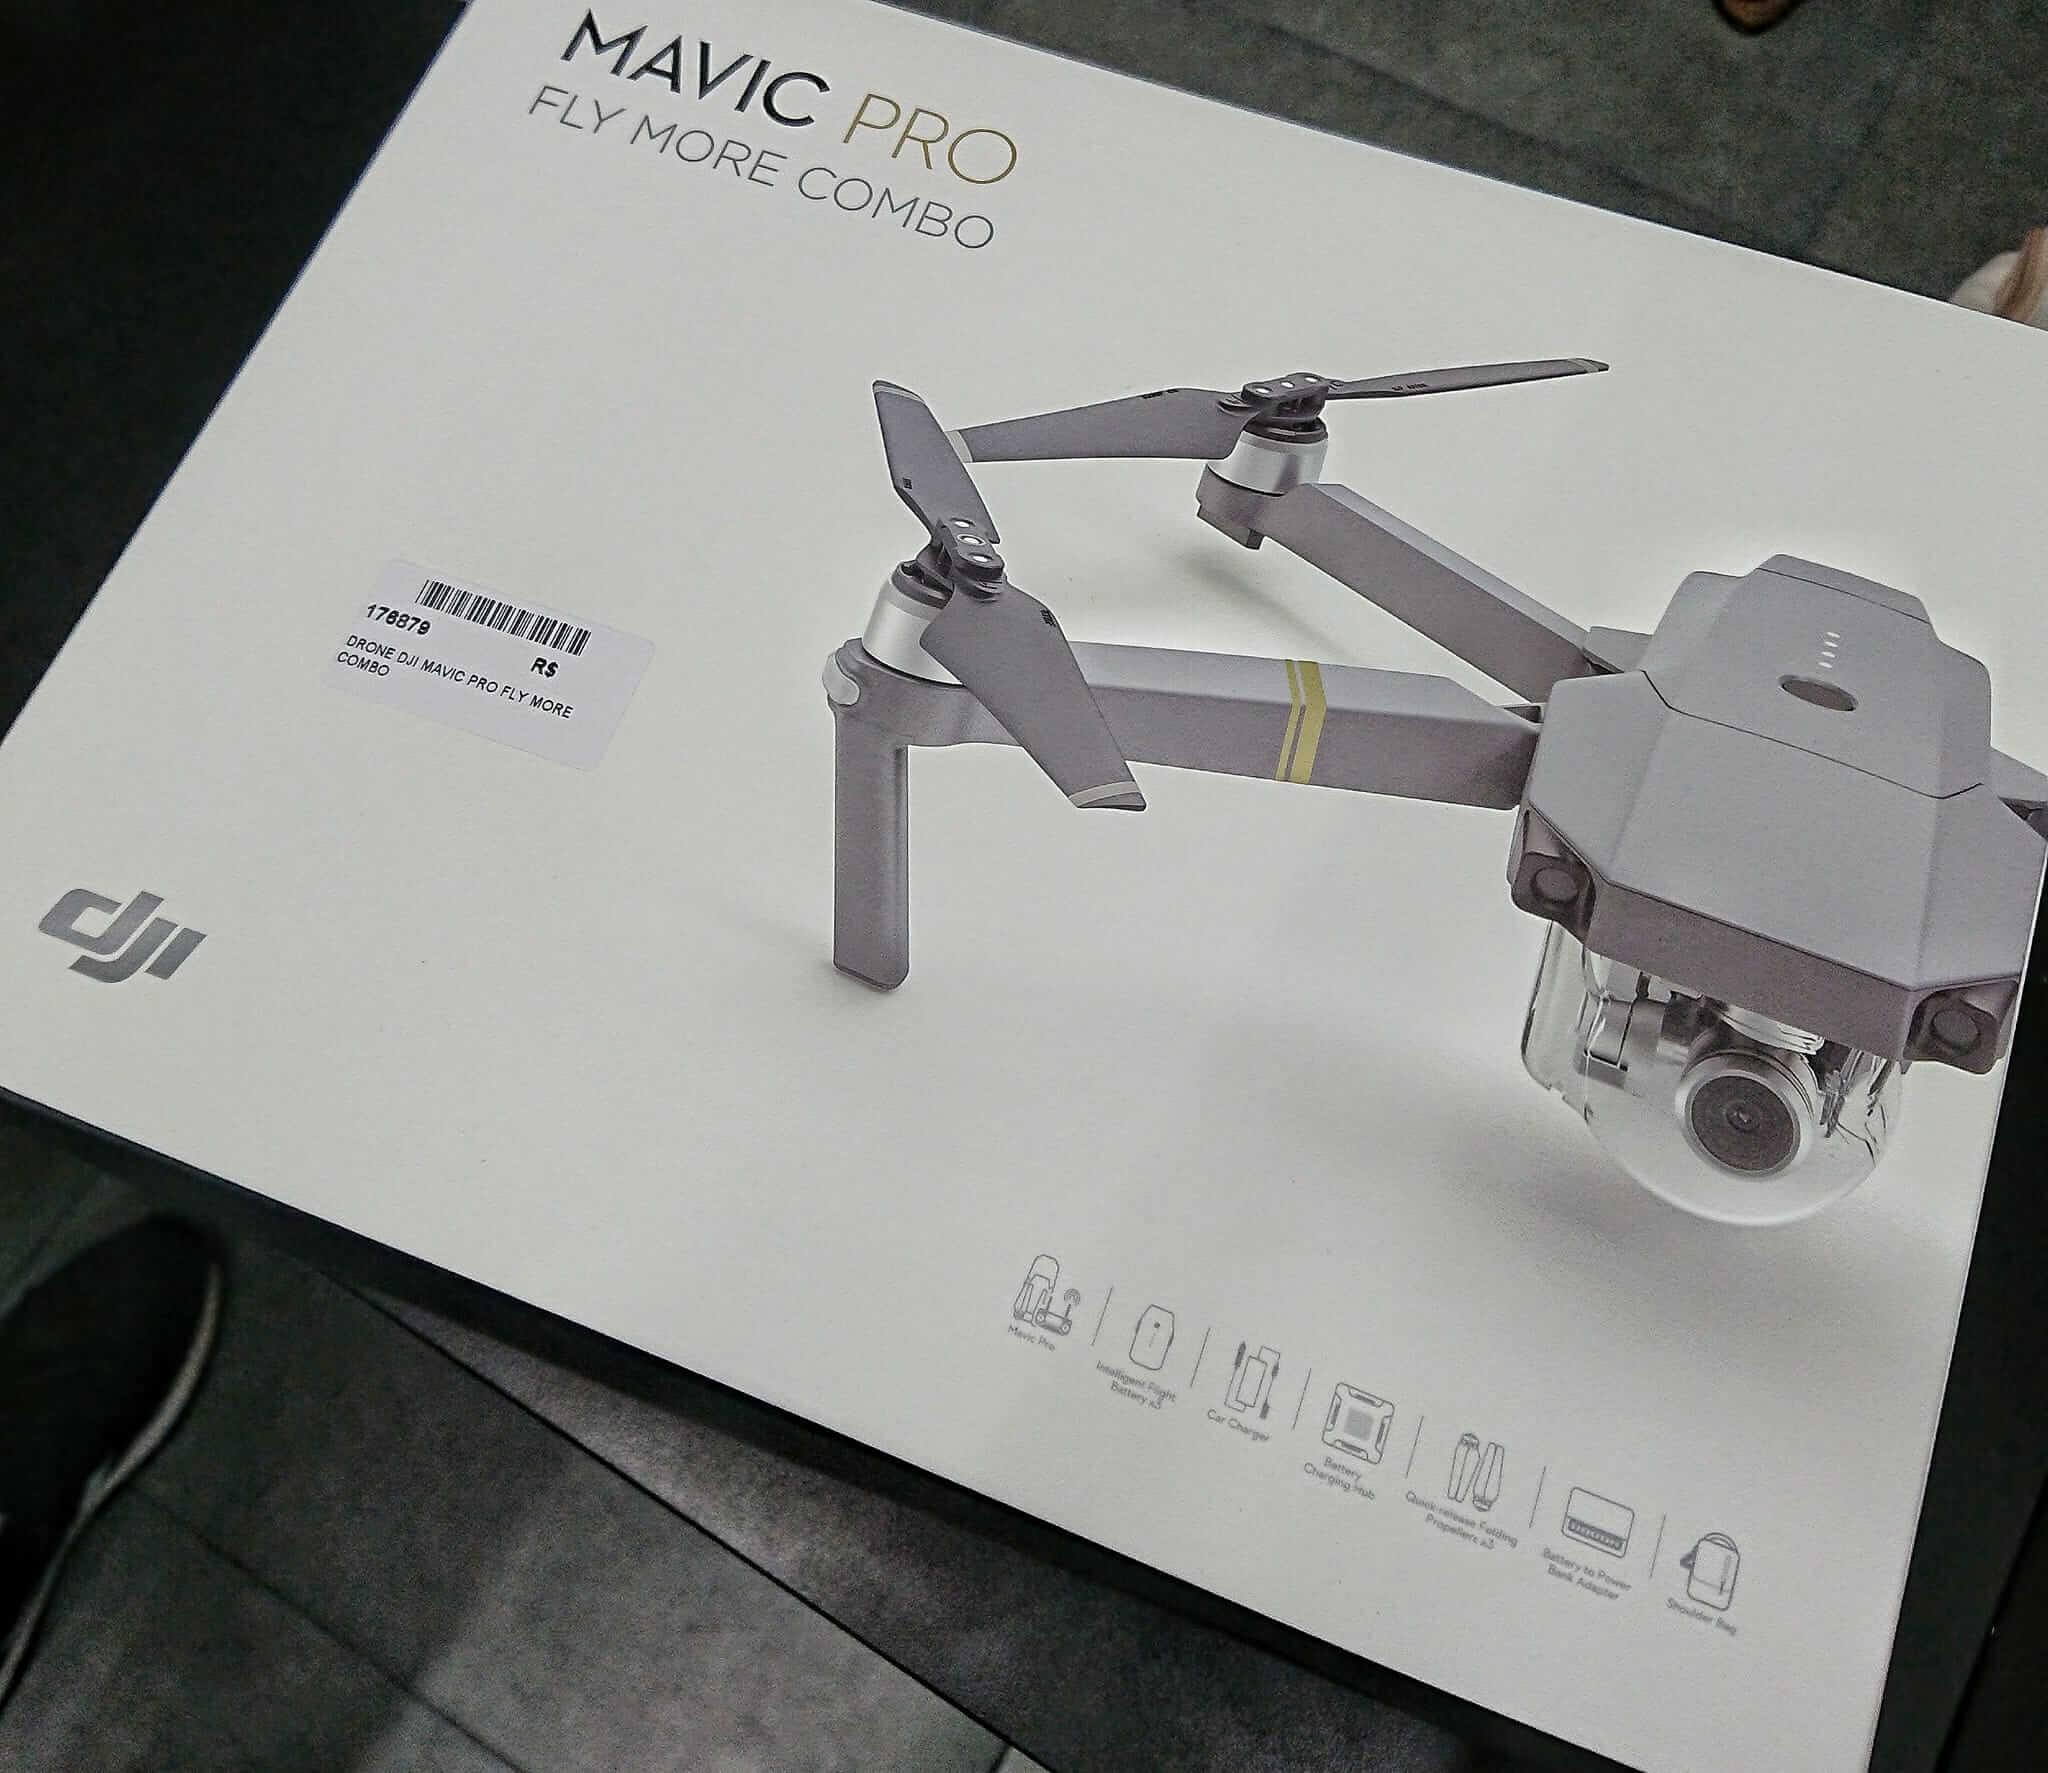 27046994 10157470630838312 588700969 o - DJI lança primeira loja no Brasil com sorteio de drones